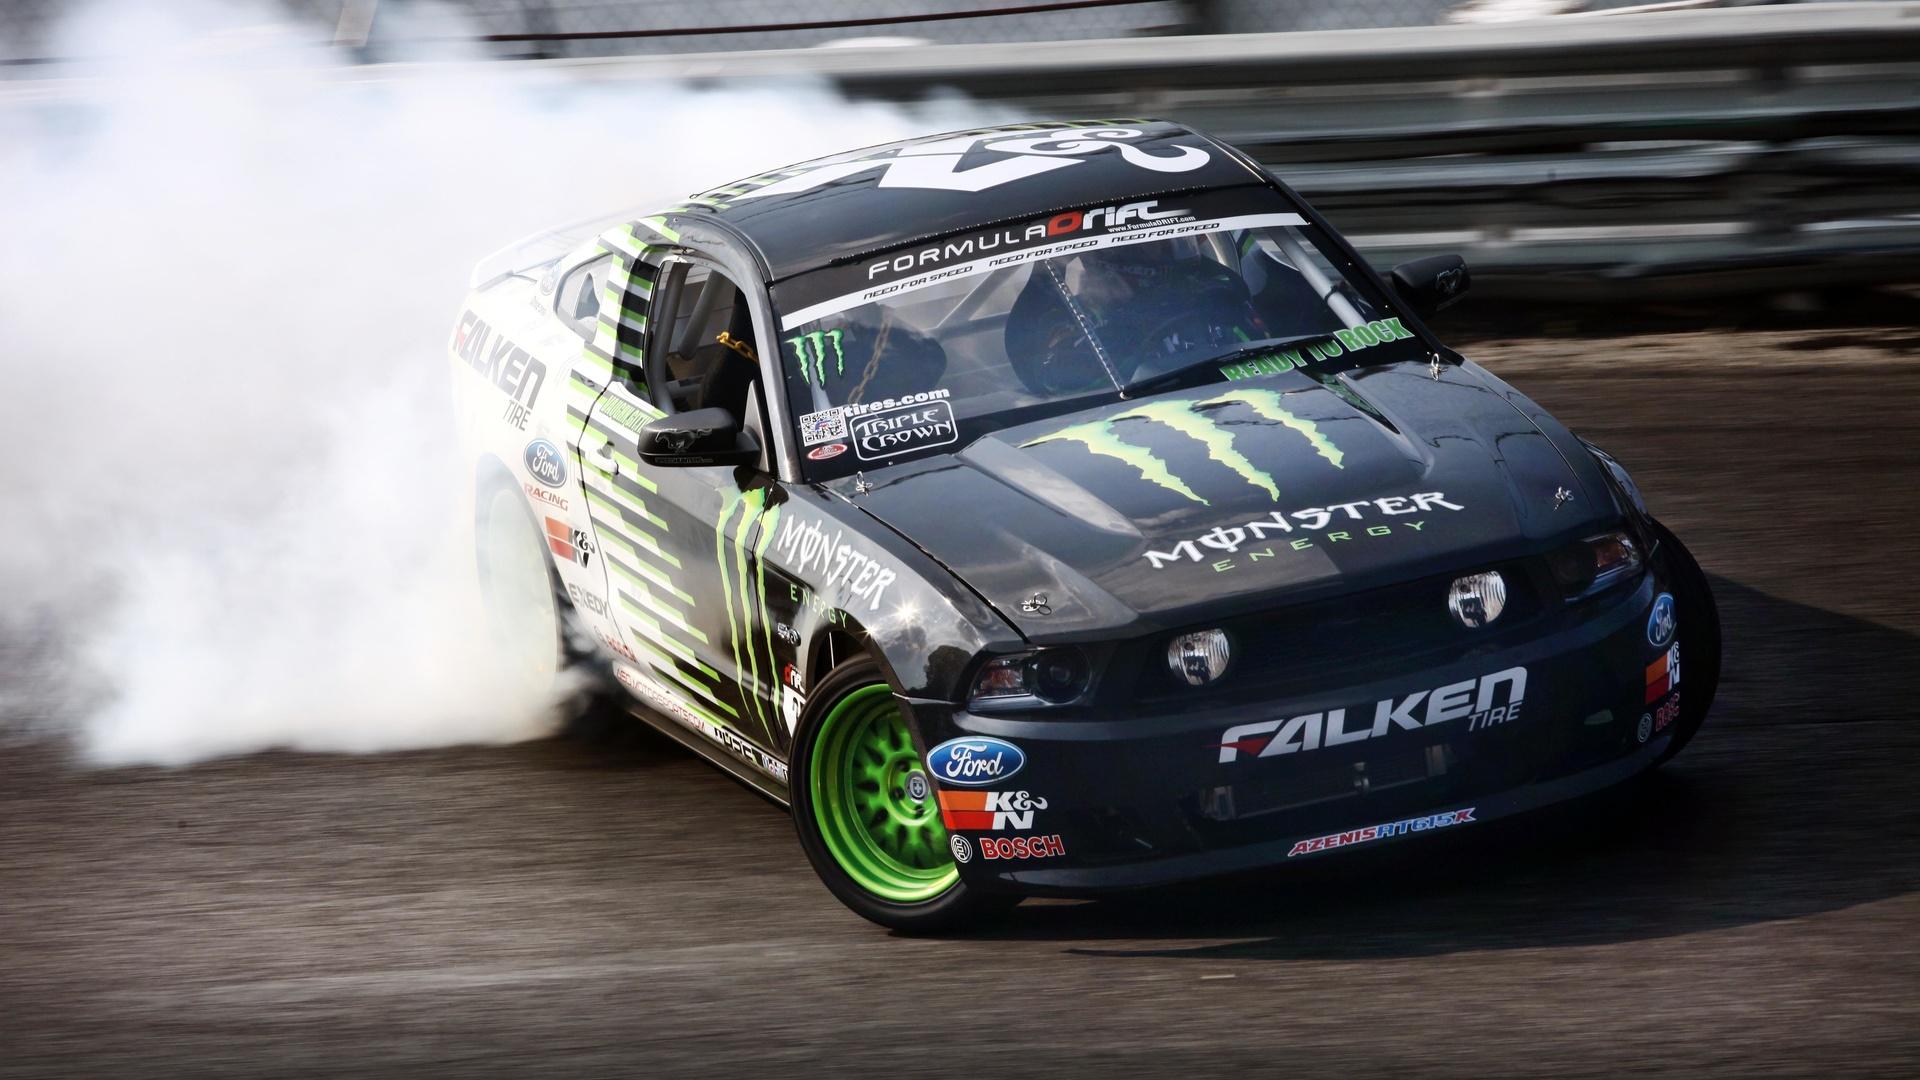 занос, ford, ford mustang, monster energy, drift